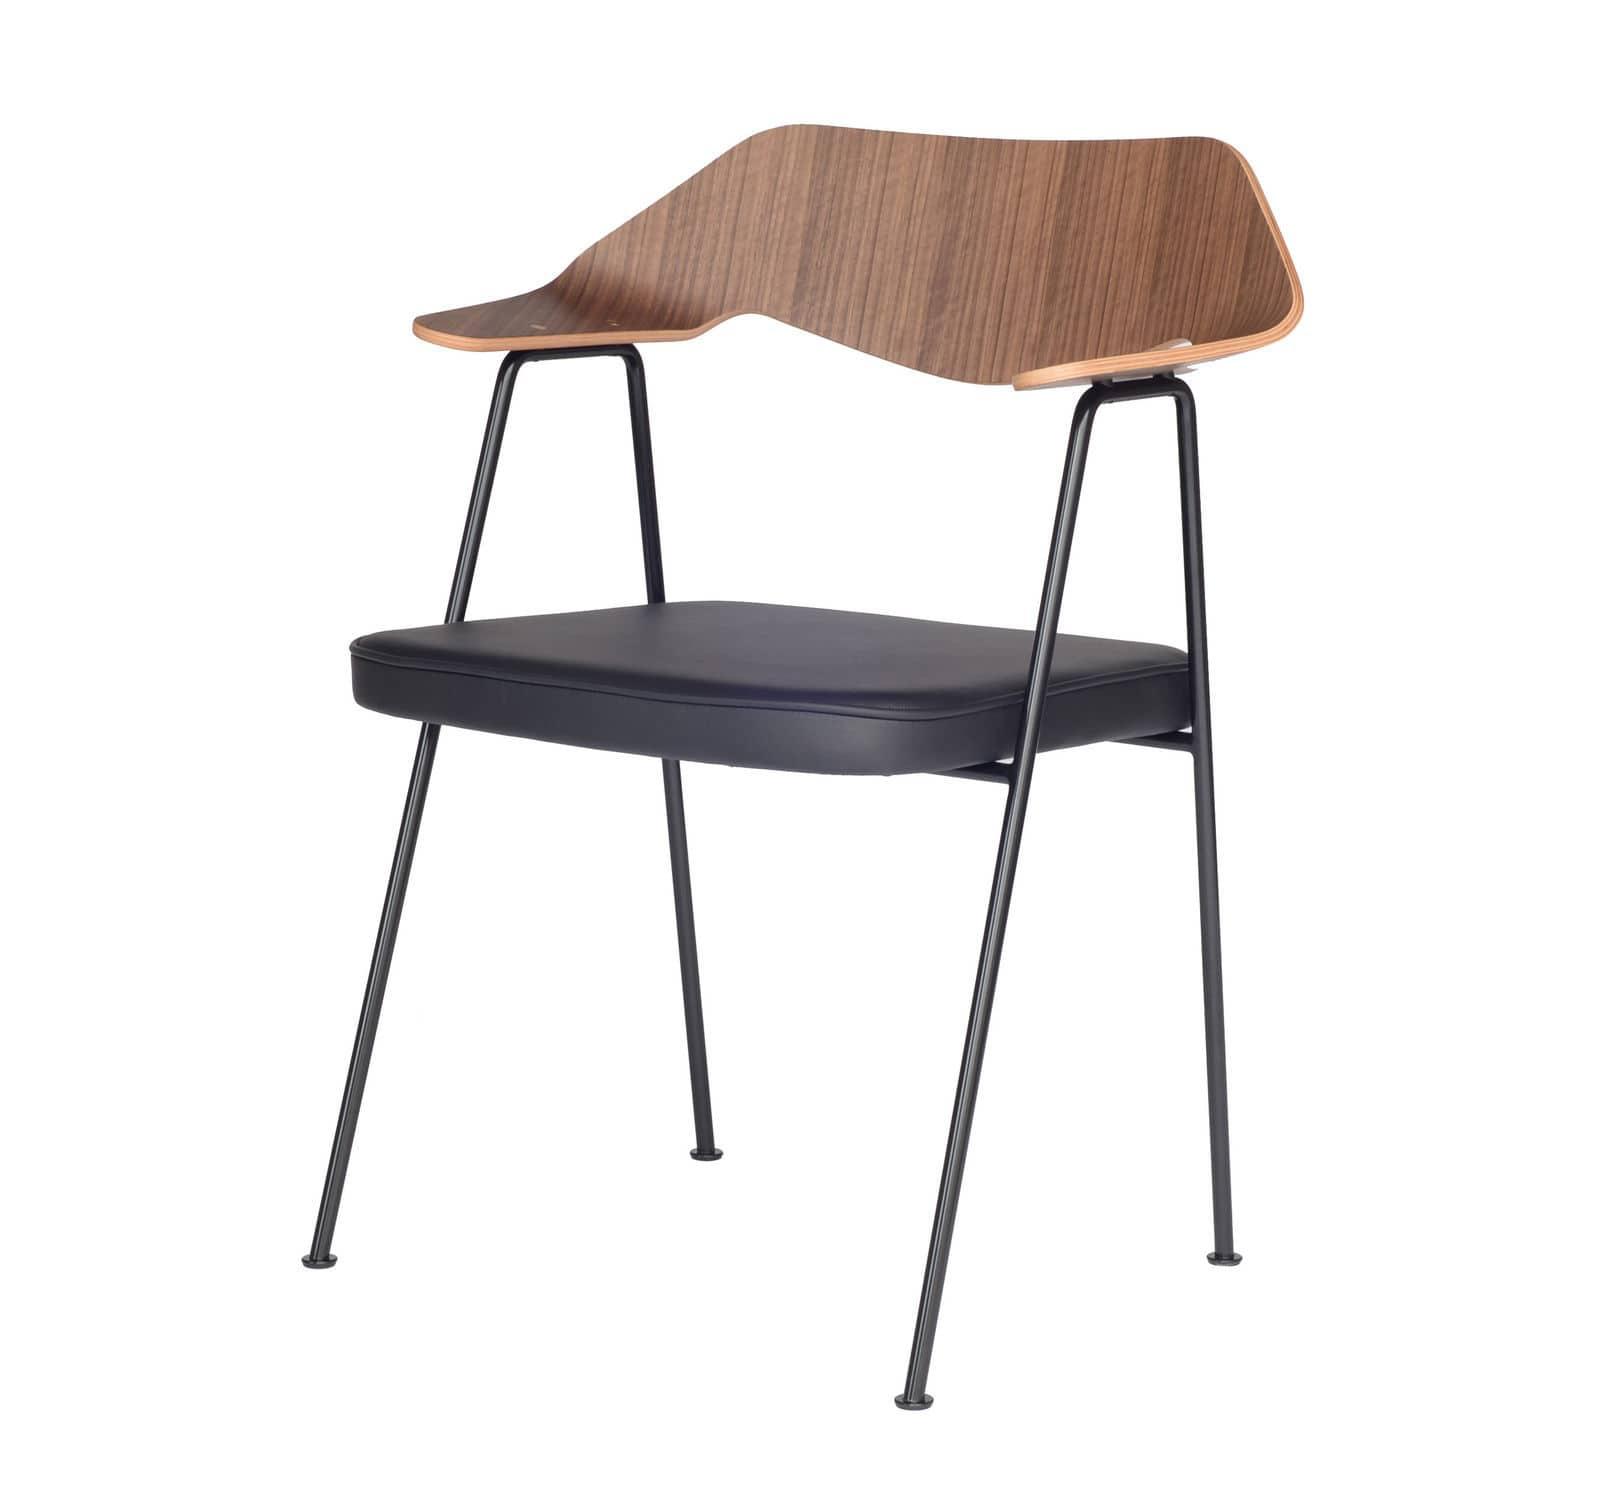 Moderner Stuhl Mit Armlehnen Geformtes Sperrholz Aus Nussbaum